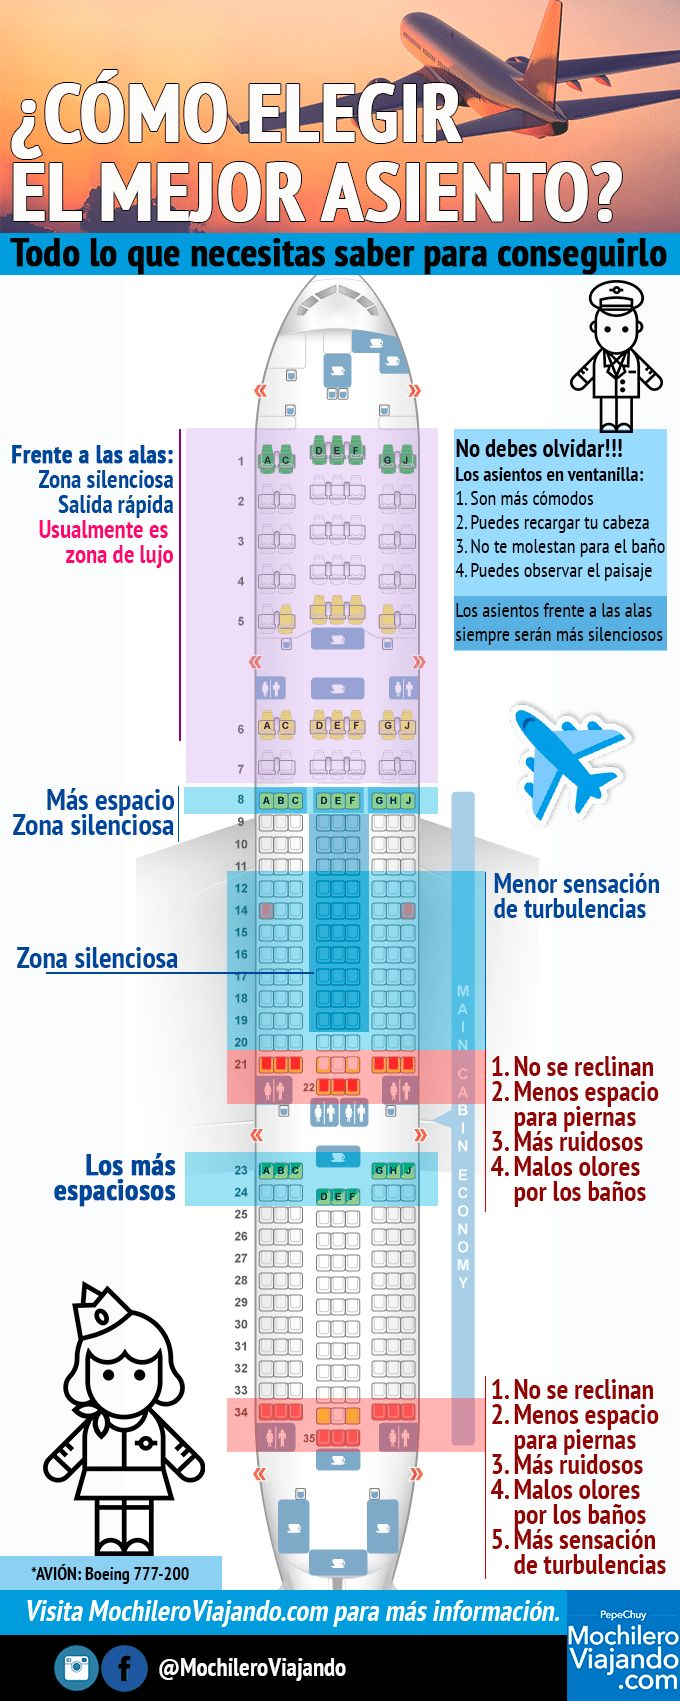 En esta infografía encontrarás todo lo que necesitas saber siempre elegir el mejor asiento de avión.  #viaje #viajero #consejosDeViaje #aviones #guia #guide #viajes #mochilero #presupuestos #guiadeViaje #traveltips #travel #travelblog #travelblogger #infografia